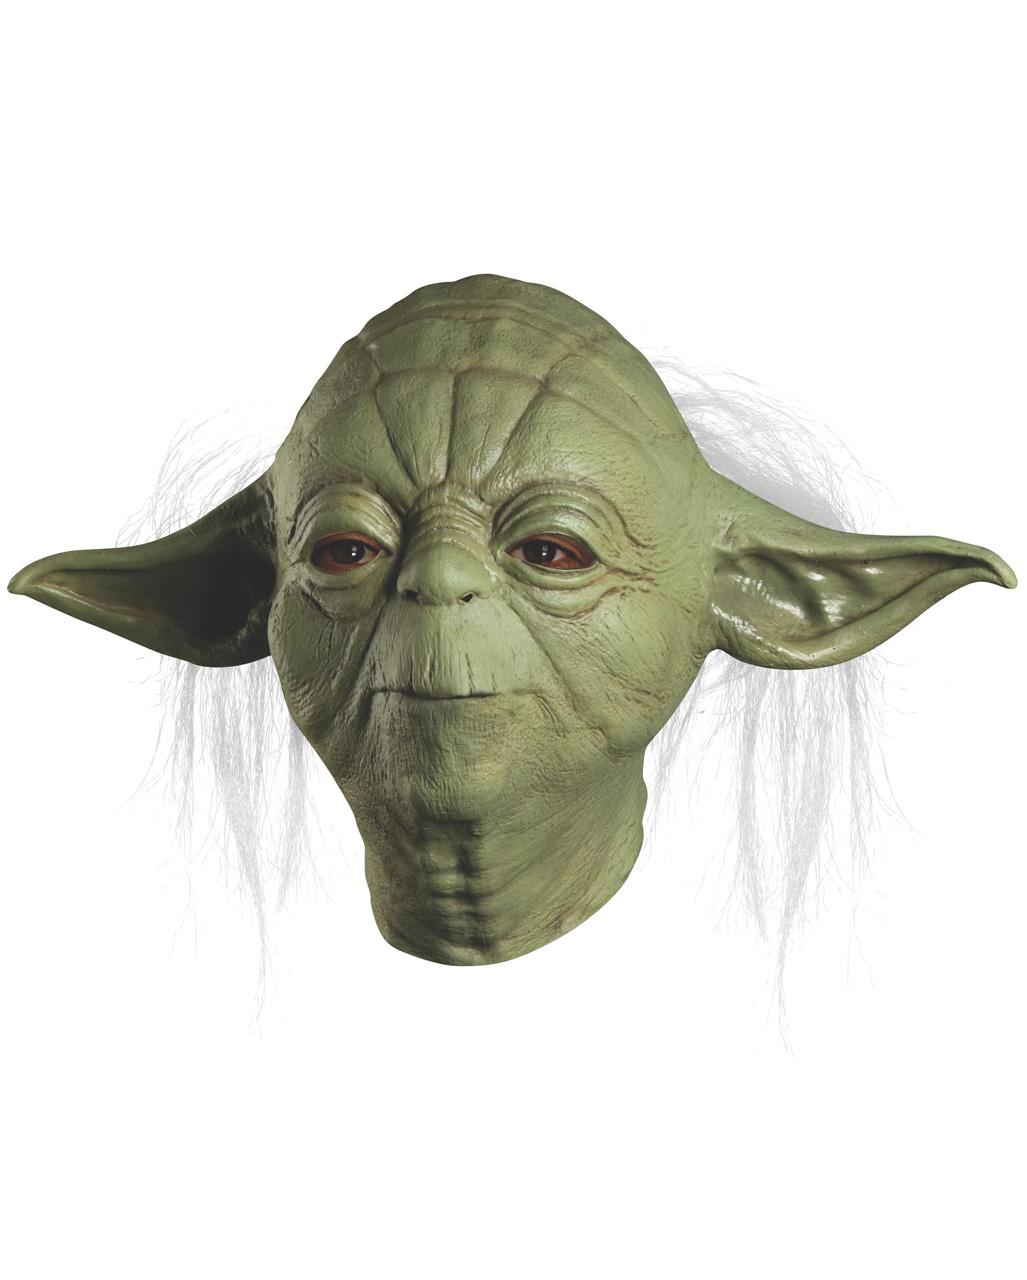 Yoda Maske aus Latex   Star Wars Merchandise kaufen   Horror-Shop.com